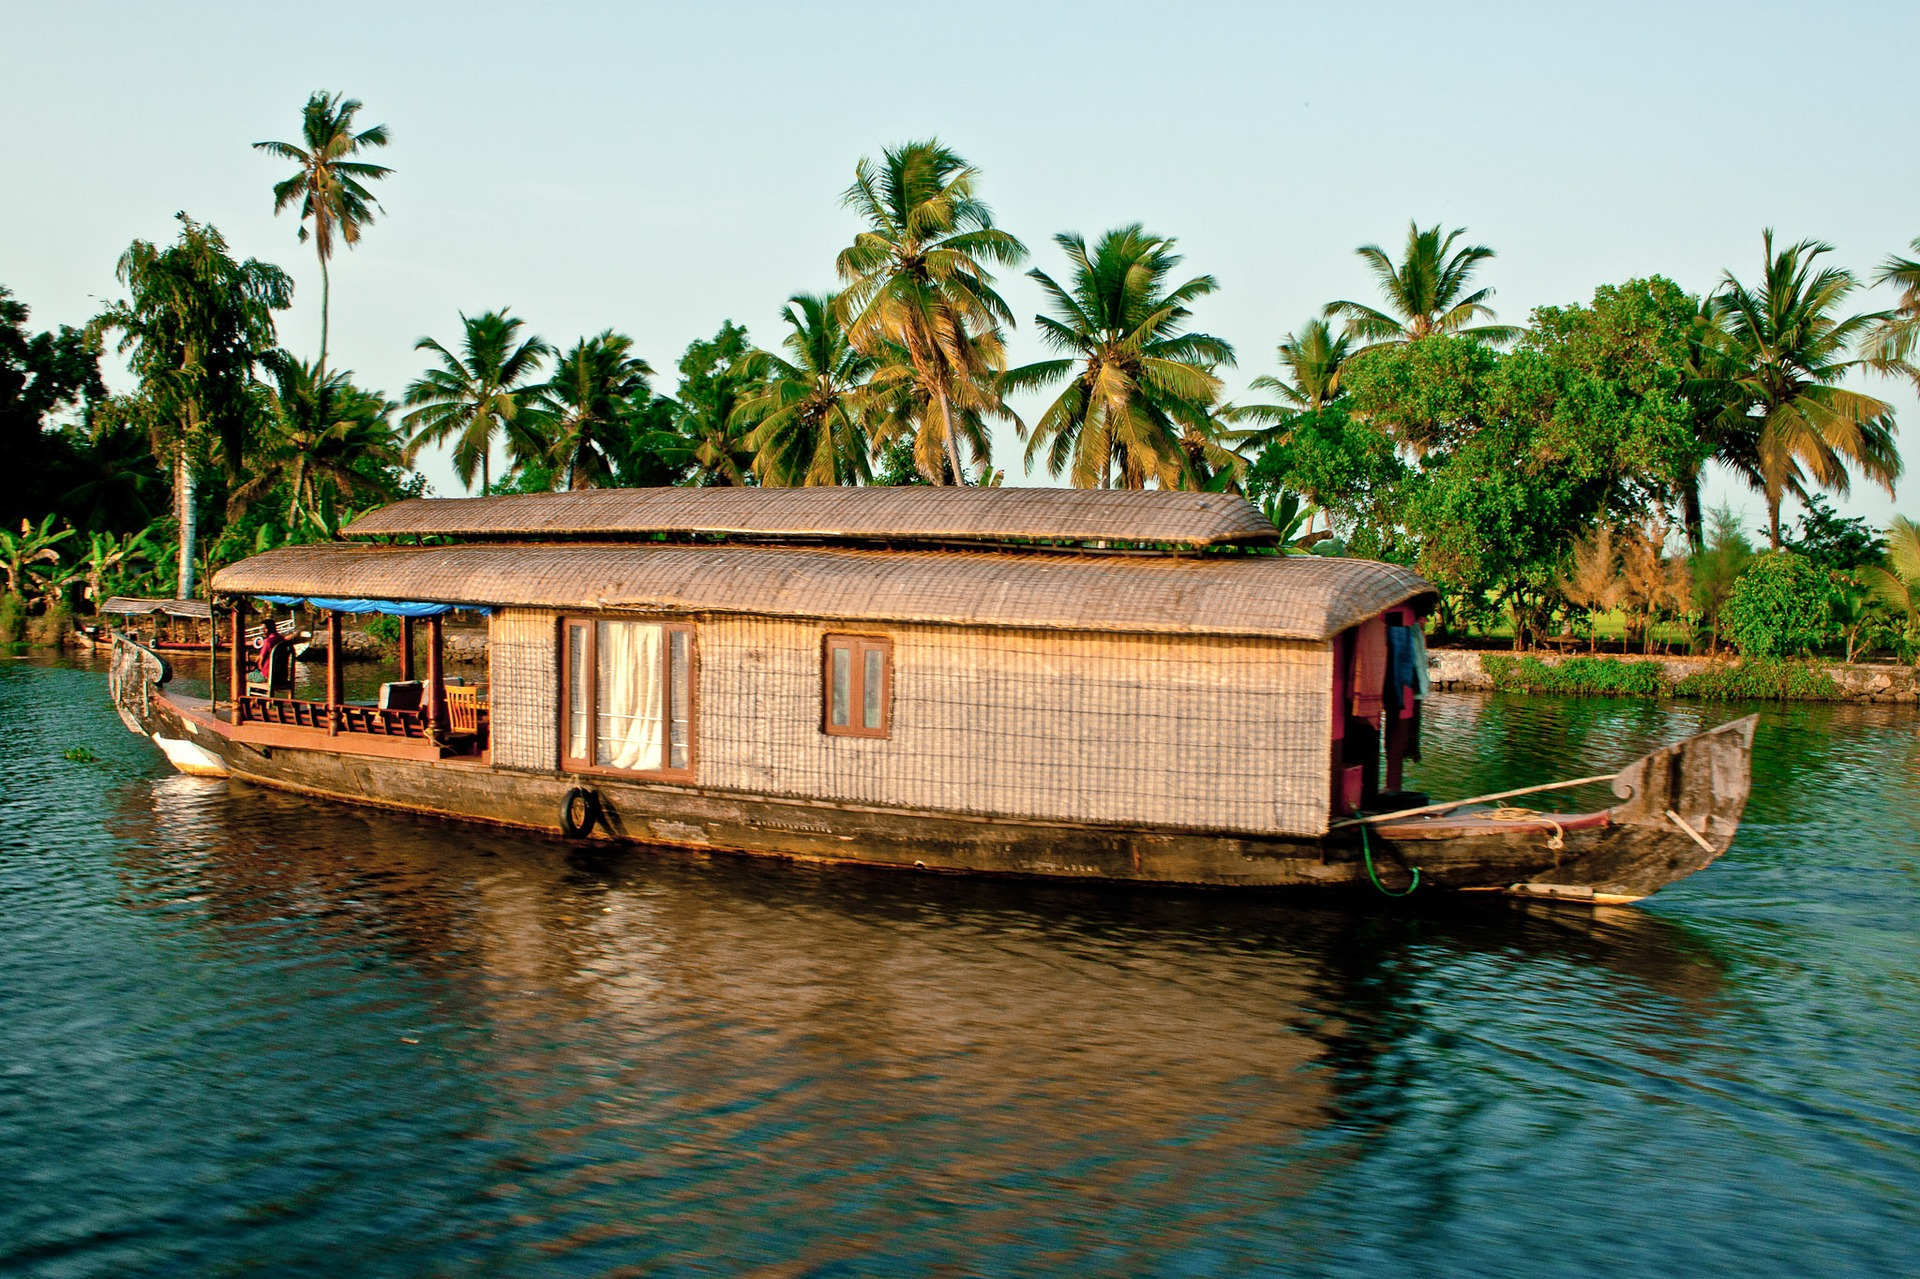 backwaters-2075753_1920.jpg